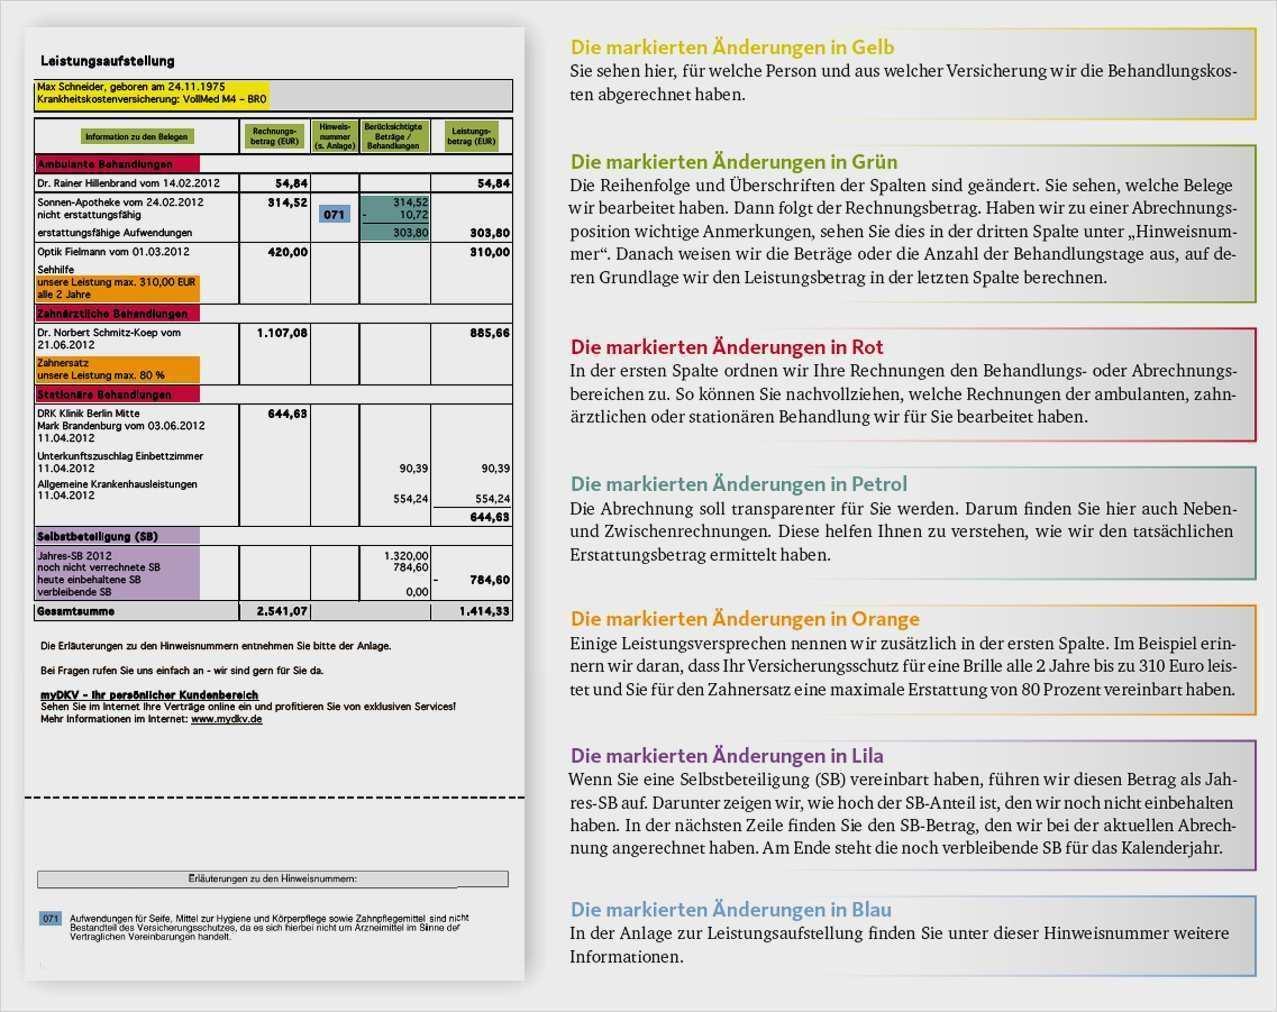 Patientenerklarung Europaische Krankenversicherung Vorlage 34 Neu Jene Konnen Einstellen Fur In 2020 Rechnungsvorlage Rechnung Vorlage Vorlagen